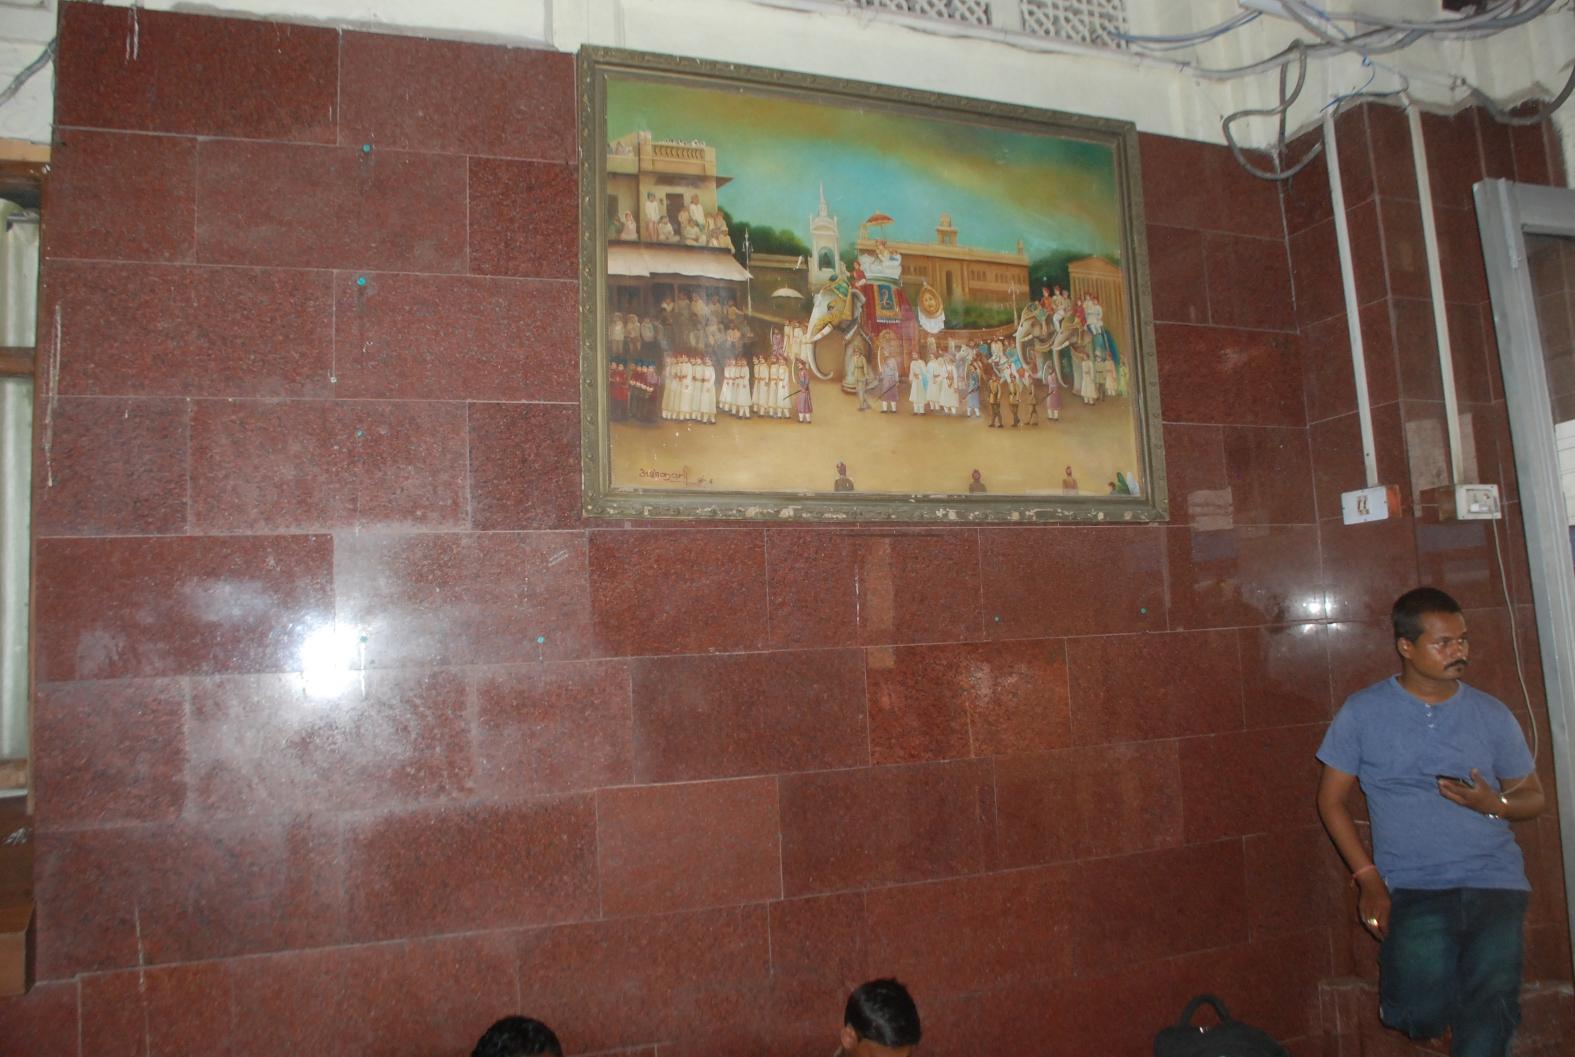 पहले कह रहे थे स्टेशन पर माधवराव सिंधिया प्रथम की कोई तस्वीर नहीं थी, मामले ने तूल पकड़ा तो 24 घंटे में ढूंढ लाए